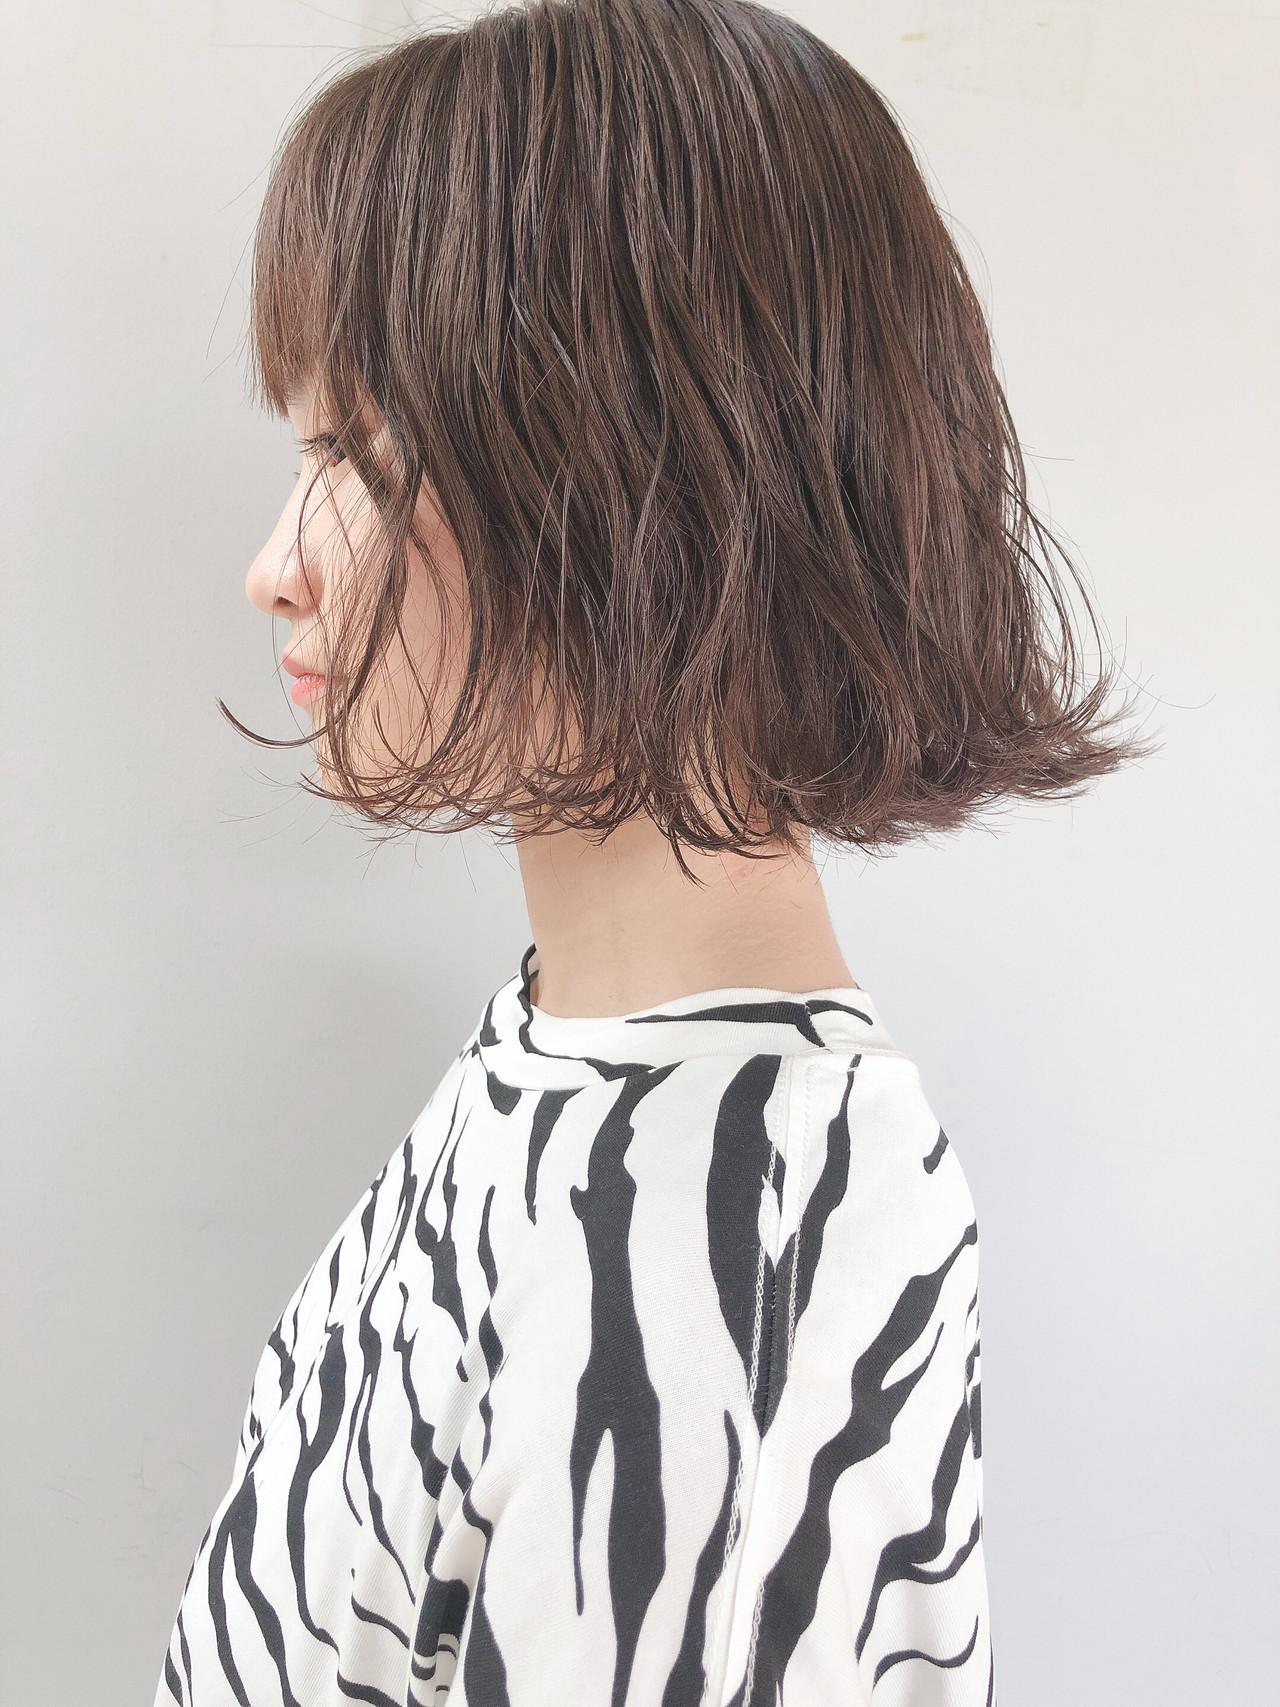 ミニボブ ショートヘア ボブ アッシュグレージュヘアスタイルや髪型の写真・画像